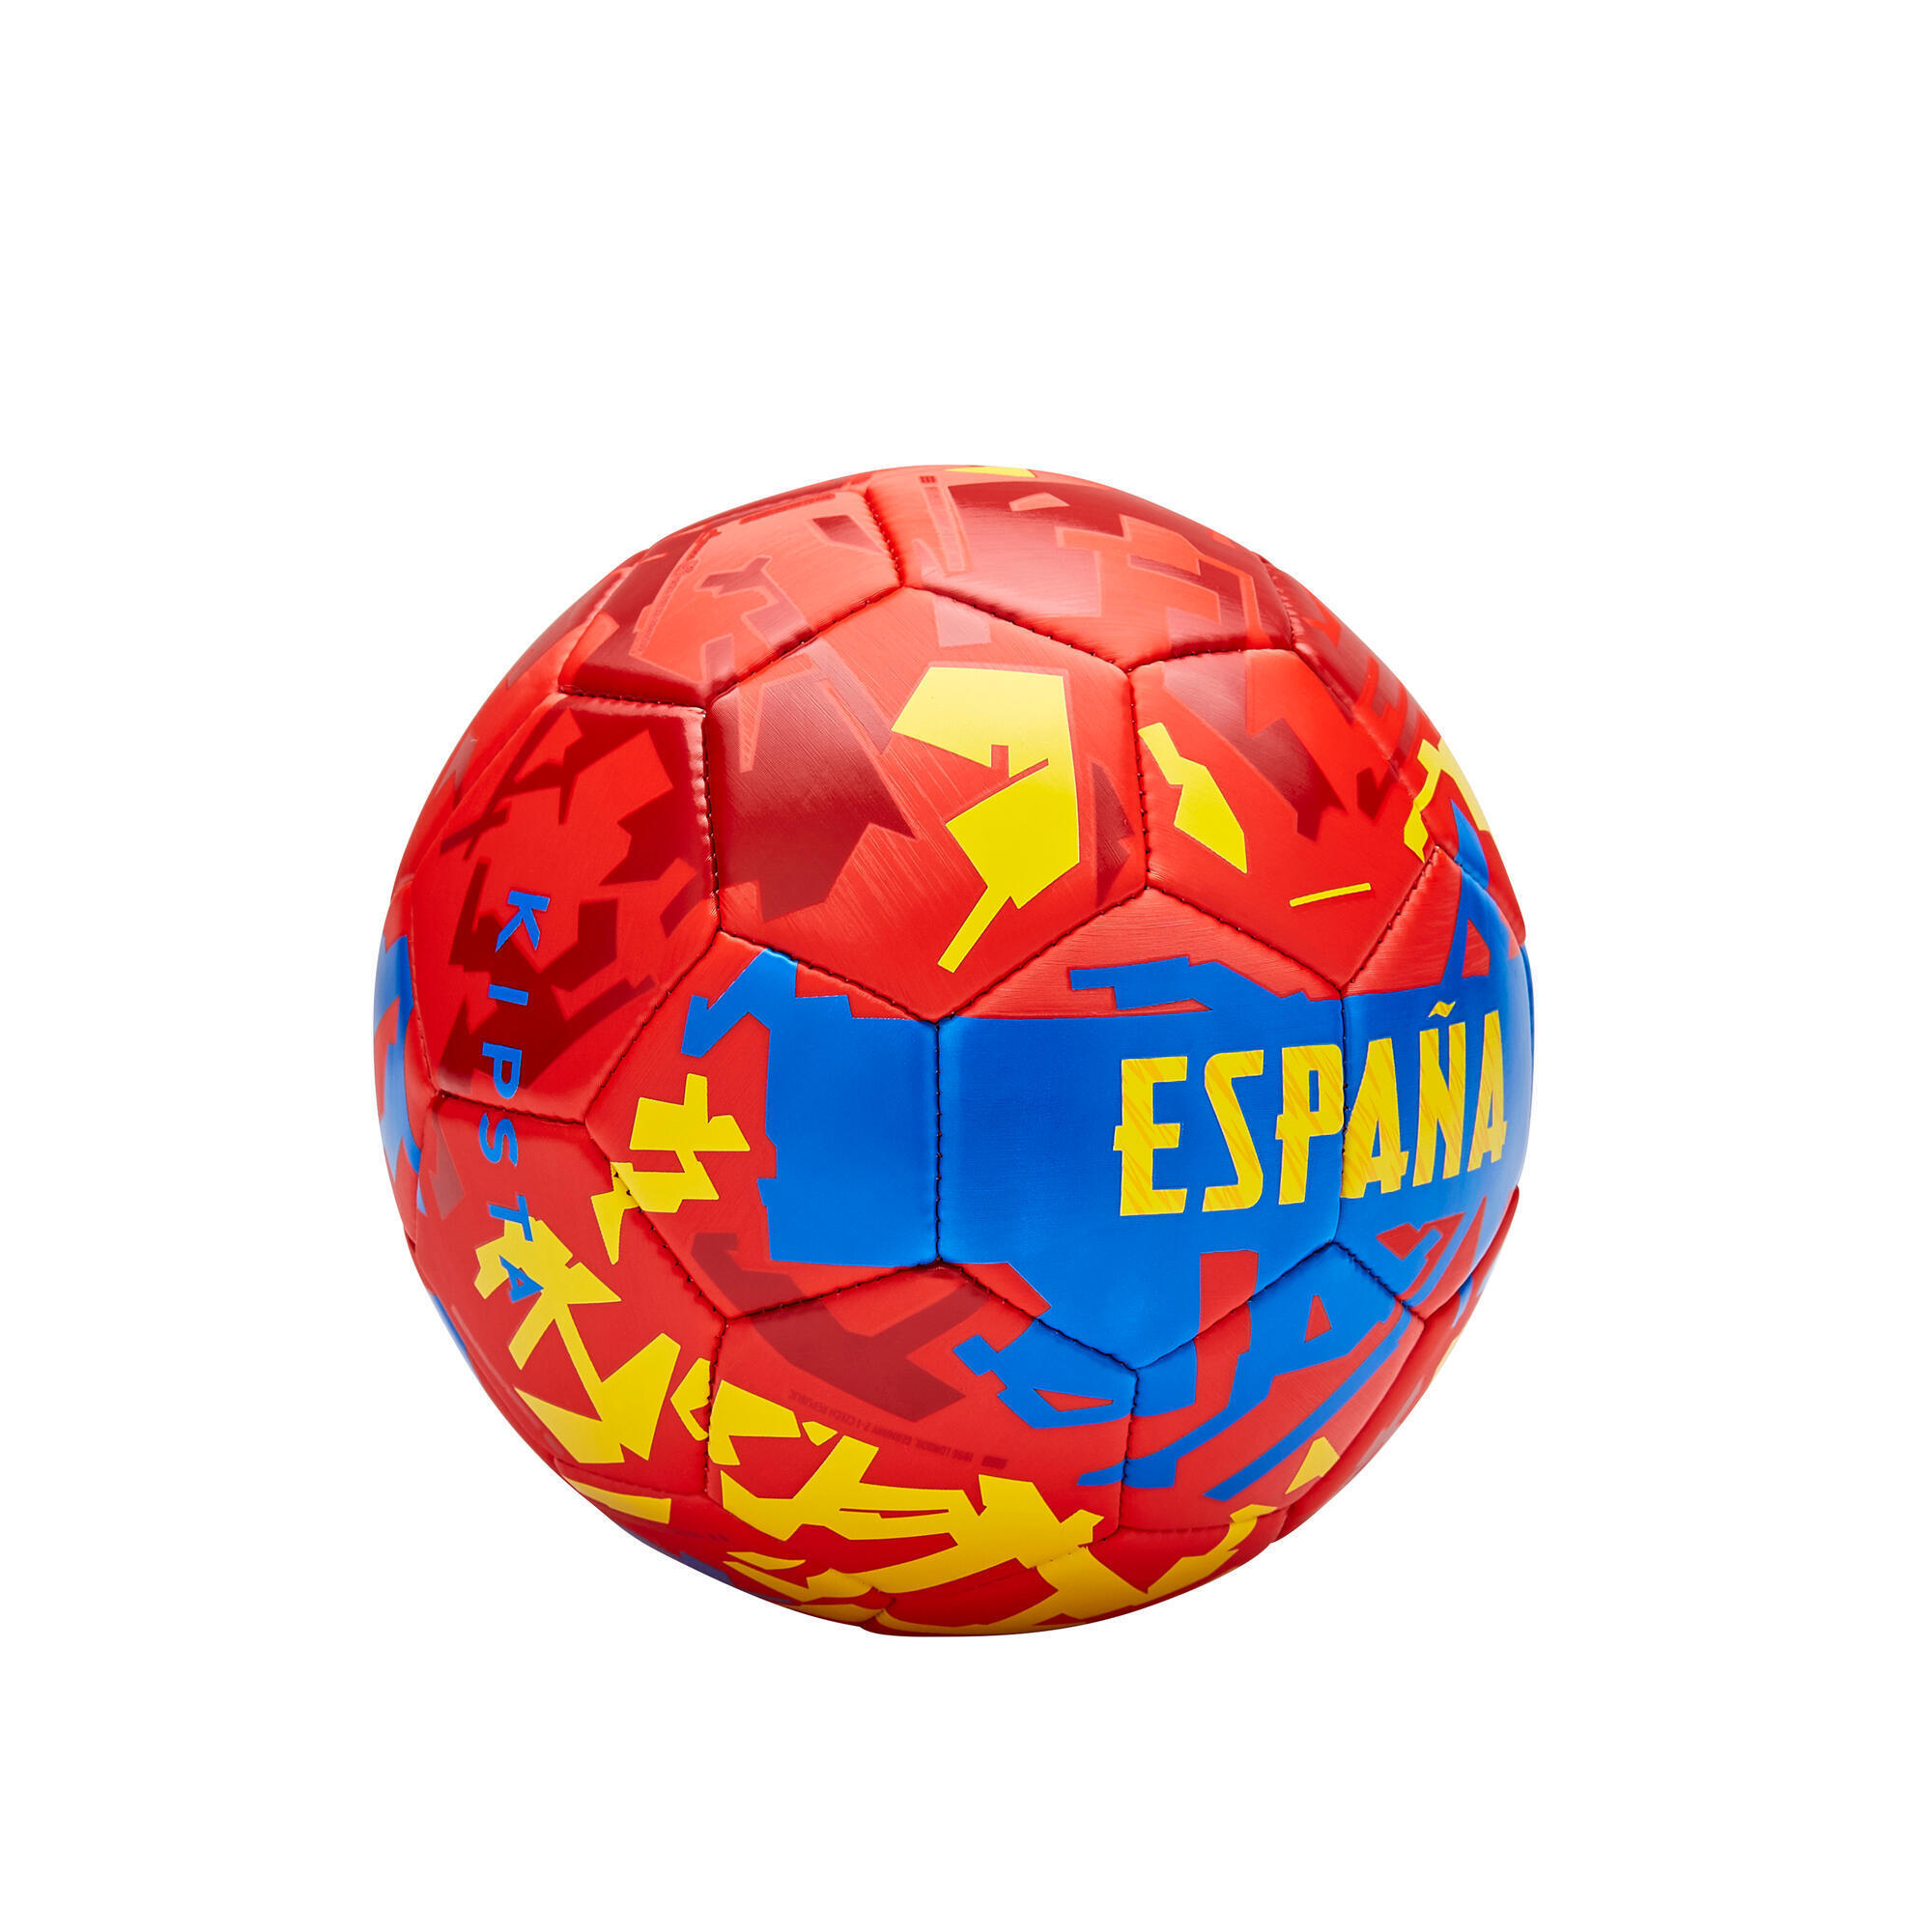 Ballon de football espagne 2020 size 1 kipsta